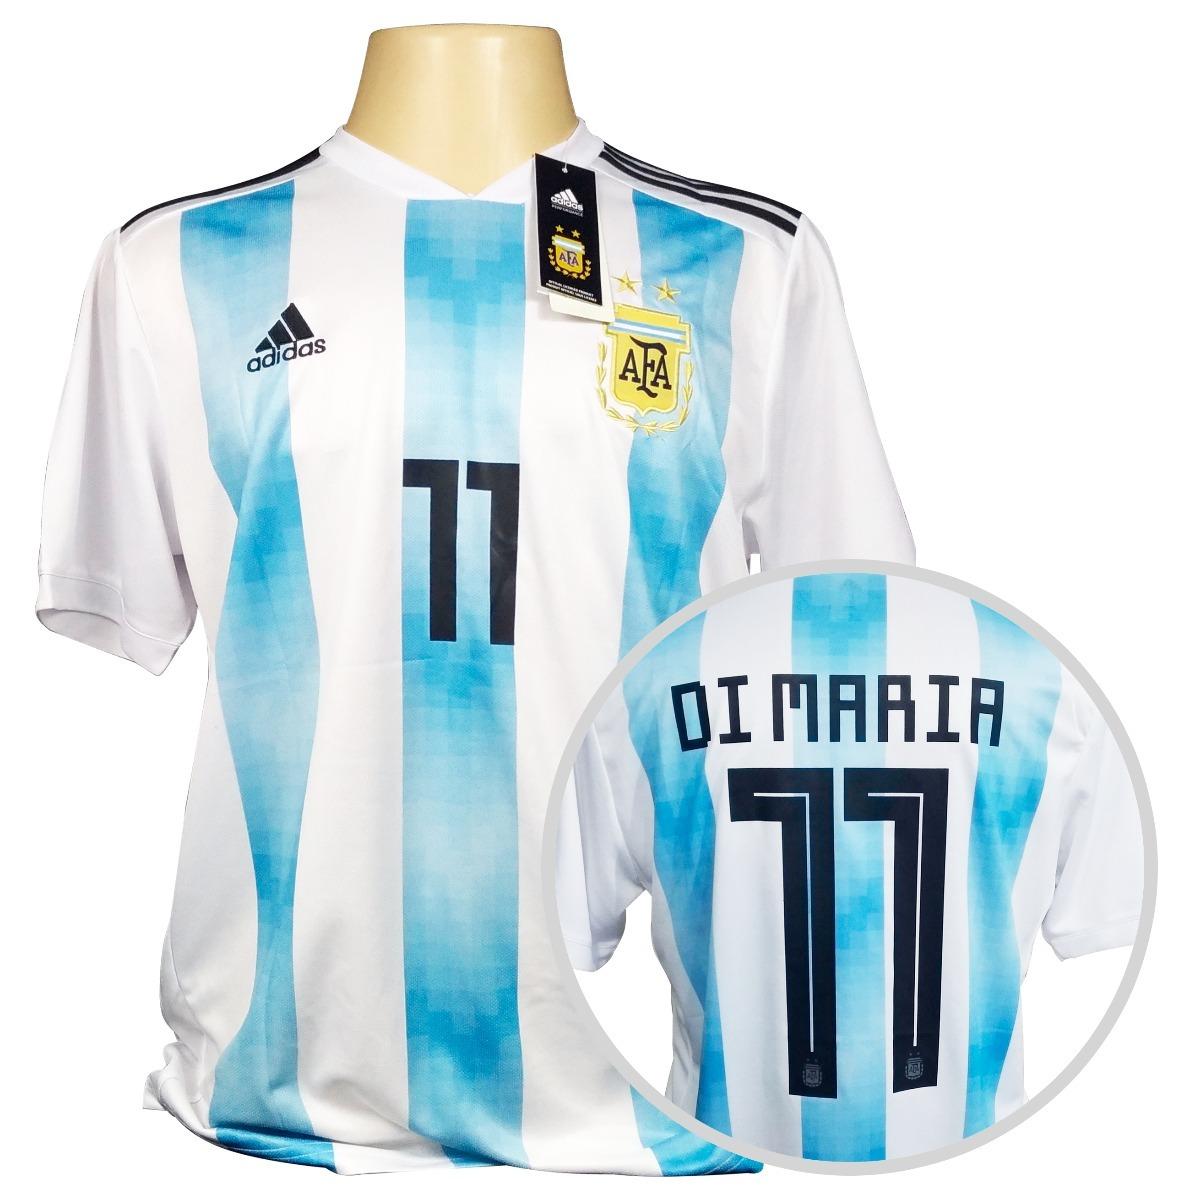 a827929fbb camisa argentina adidas titular copa 2018  11 di maria. Carregando zoom.